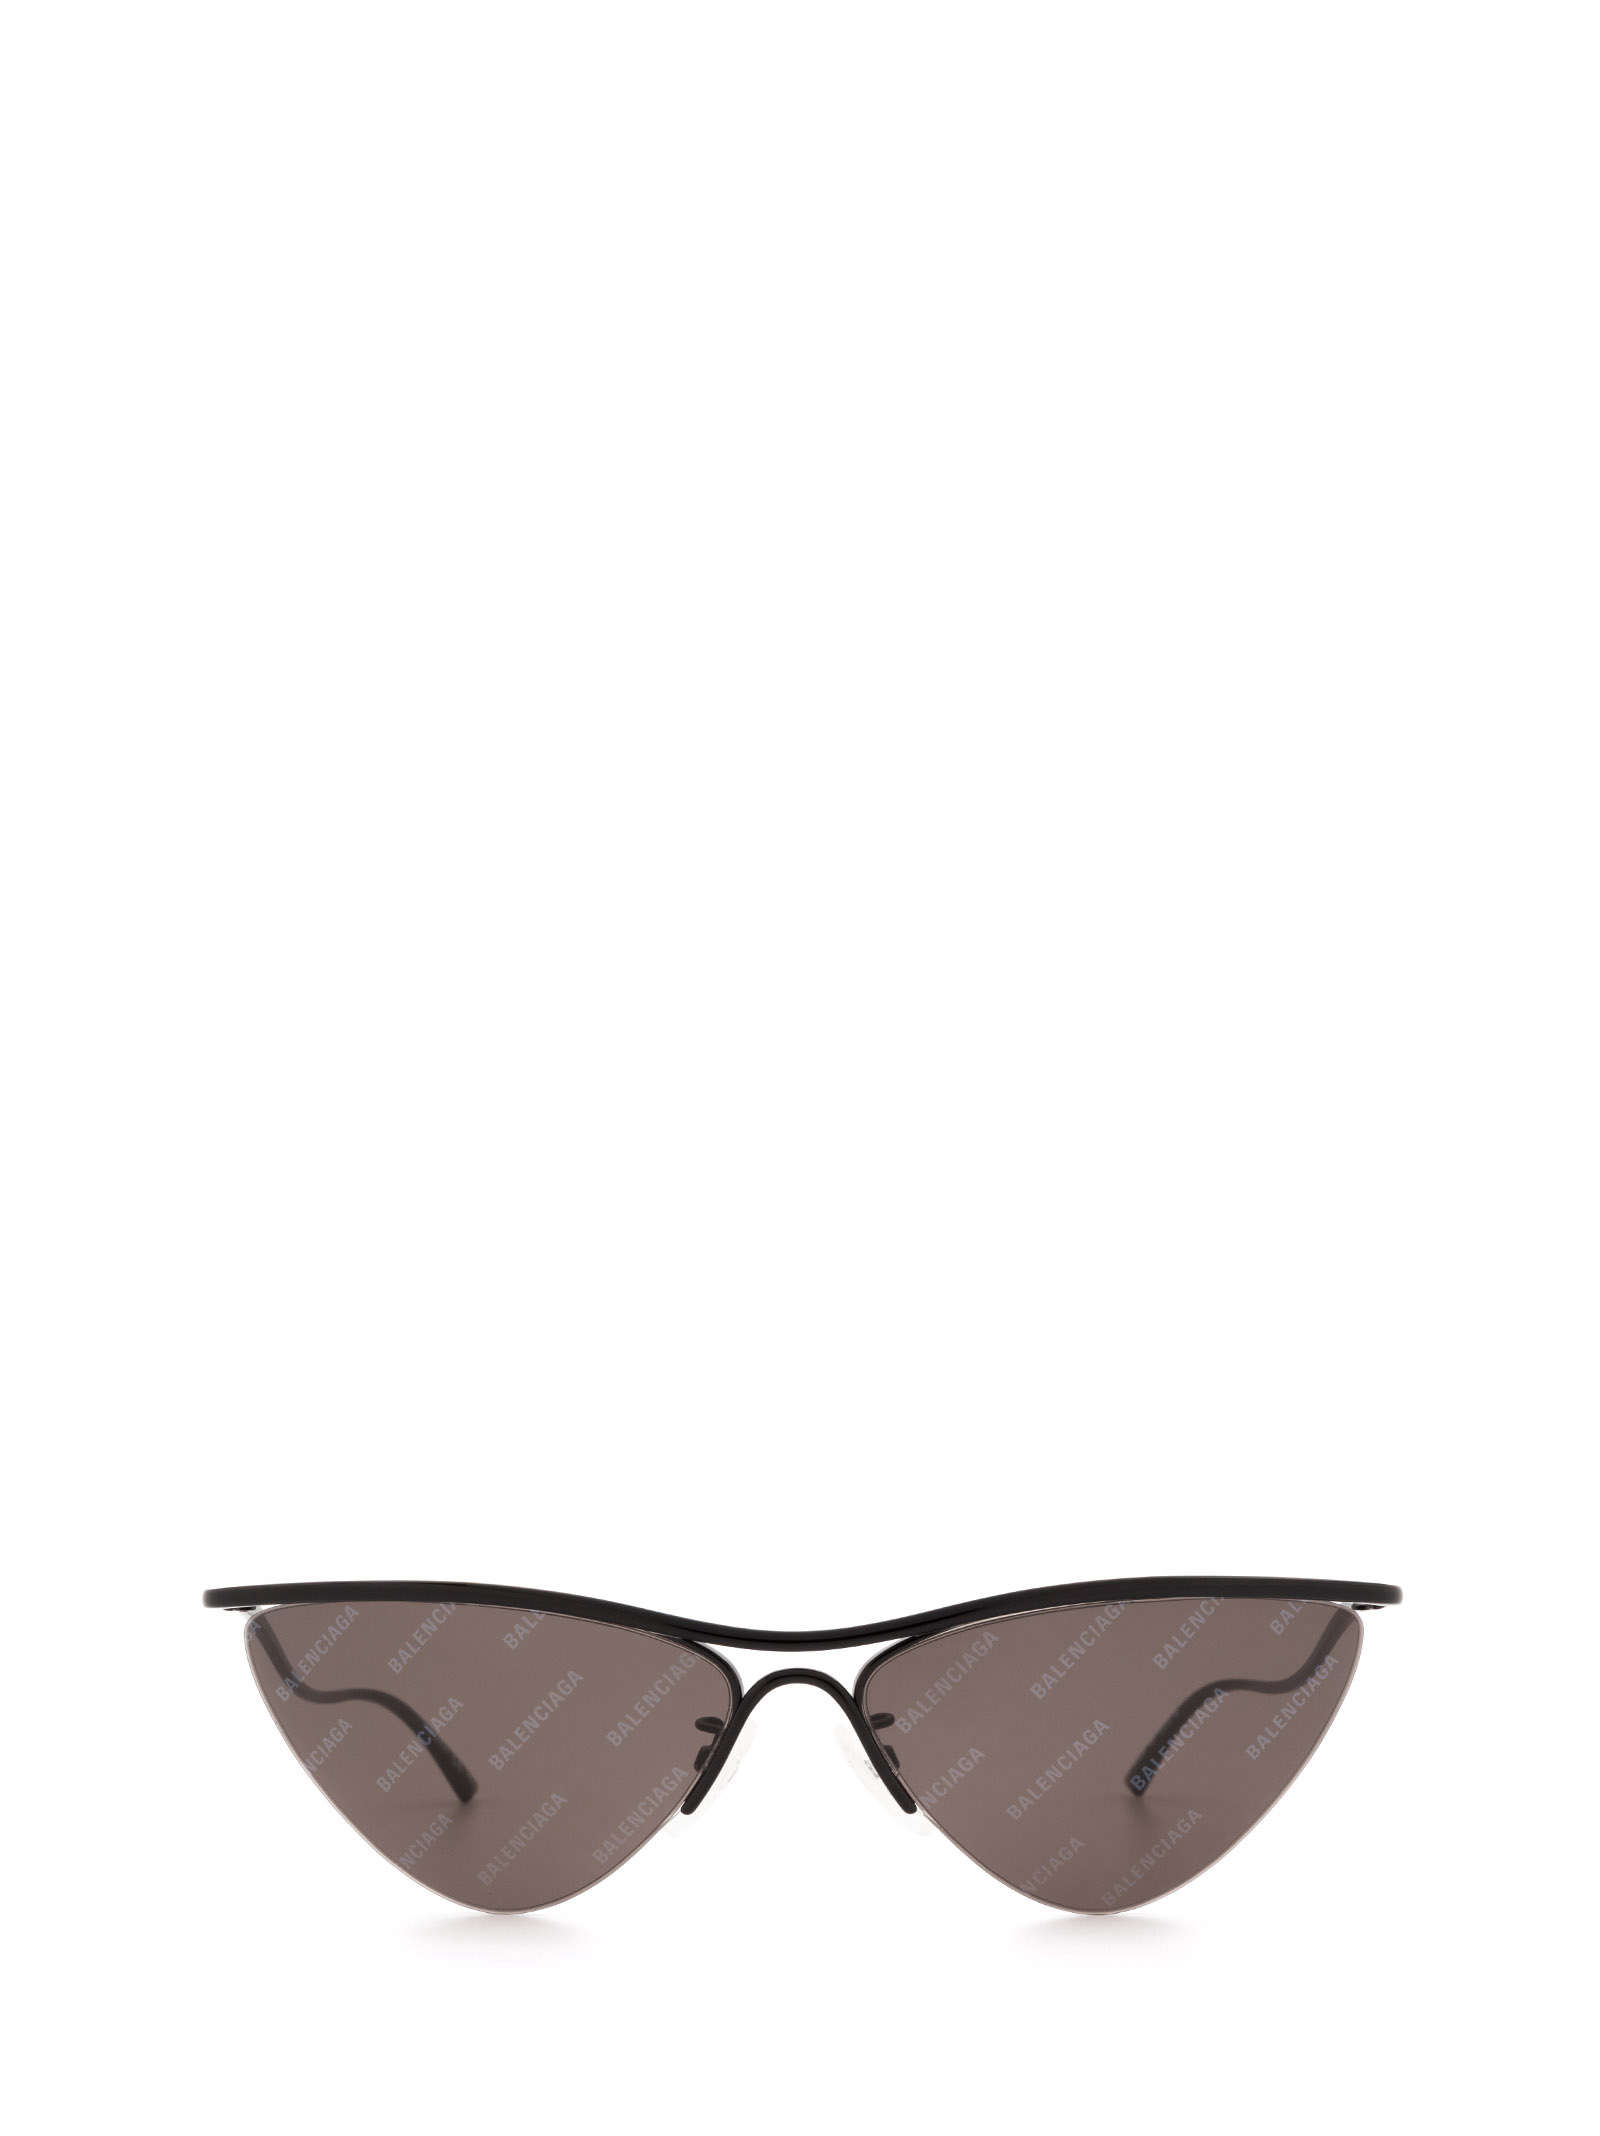 Balenciaga Balenciaga Bb0093s 001 Sunglasses